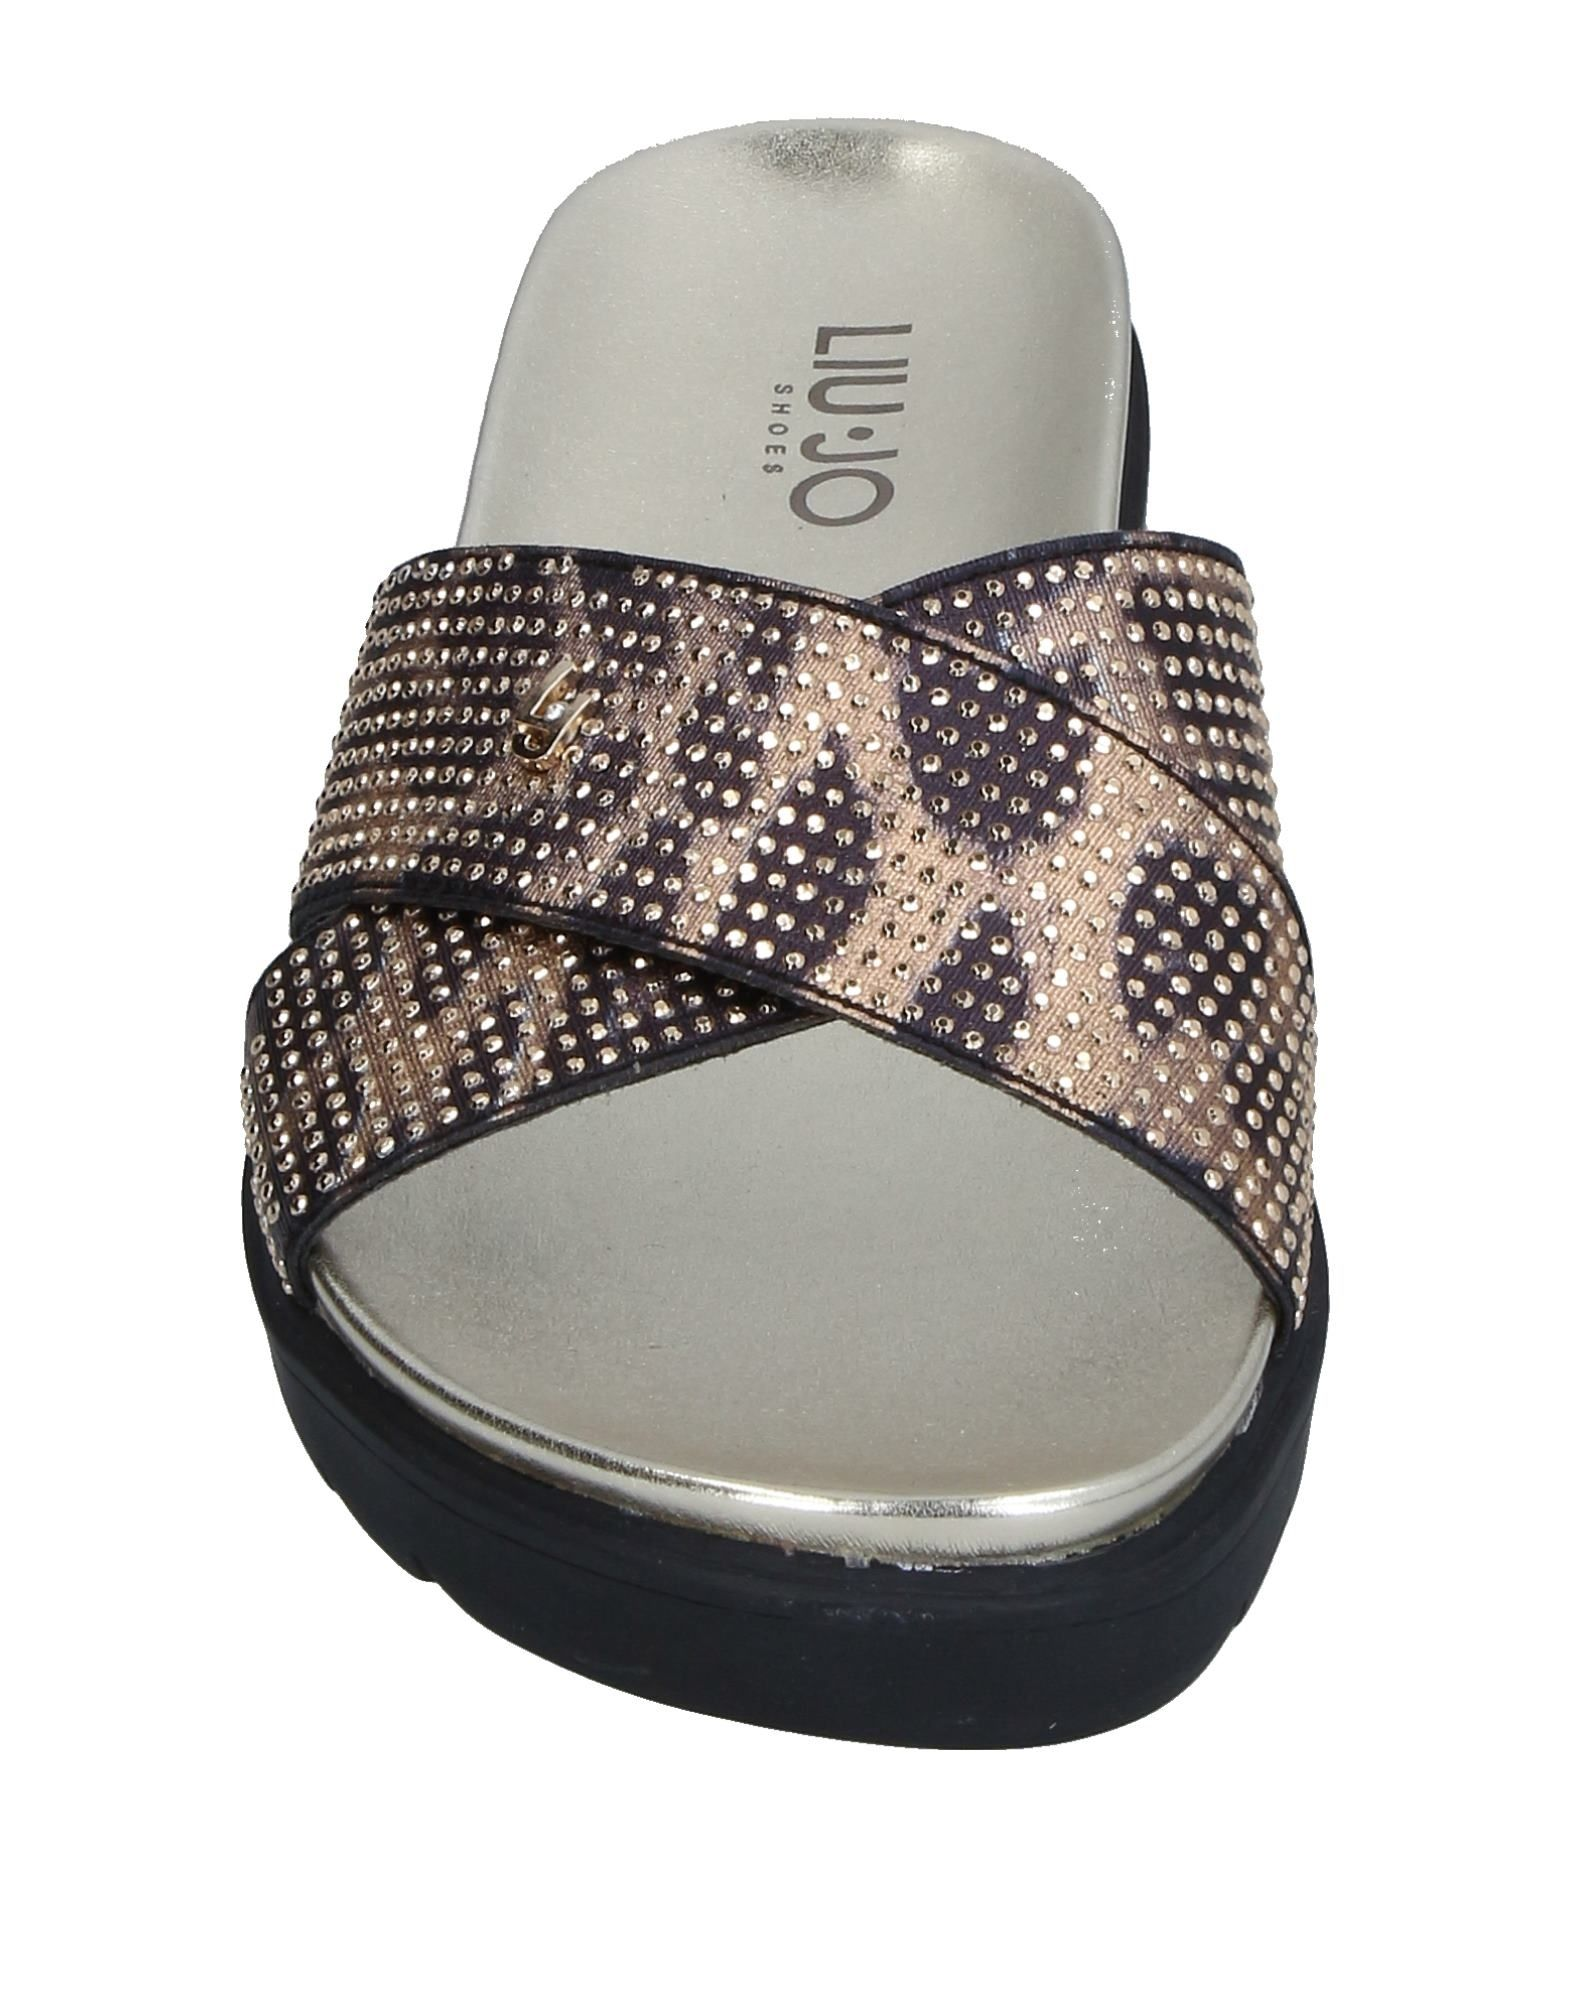 Liu •Jo Shoes Sandals Sandals Sandals - Women Liu •Jo Shoes Sandals online on  Canada - 11296006DC d00f04